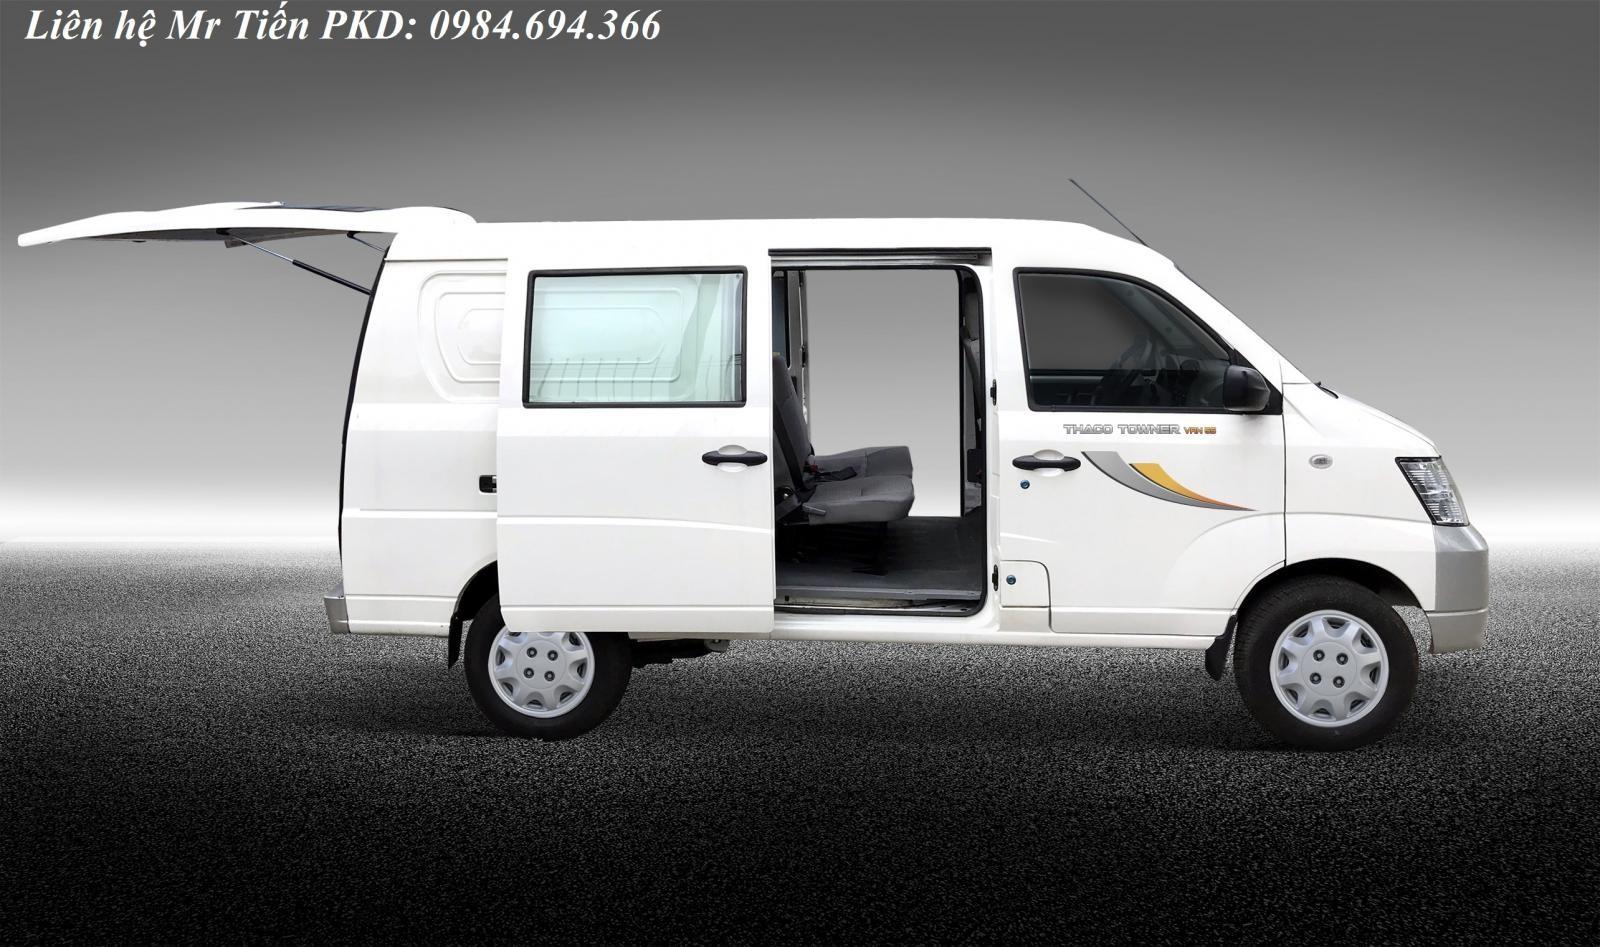 Bán xe tải Van 2 chỗ, 5 chỗ Thaco Towner Van tải 490 nâng tải 750 và 945 kg vào phố